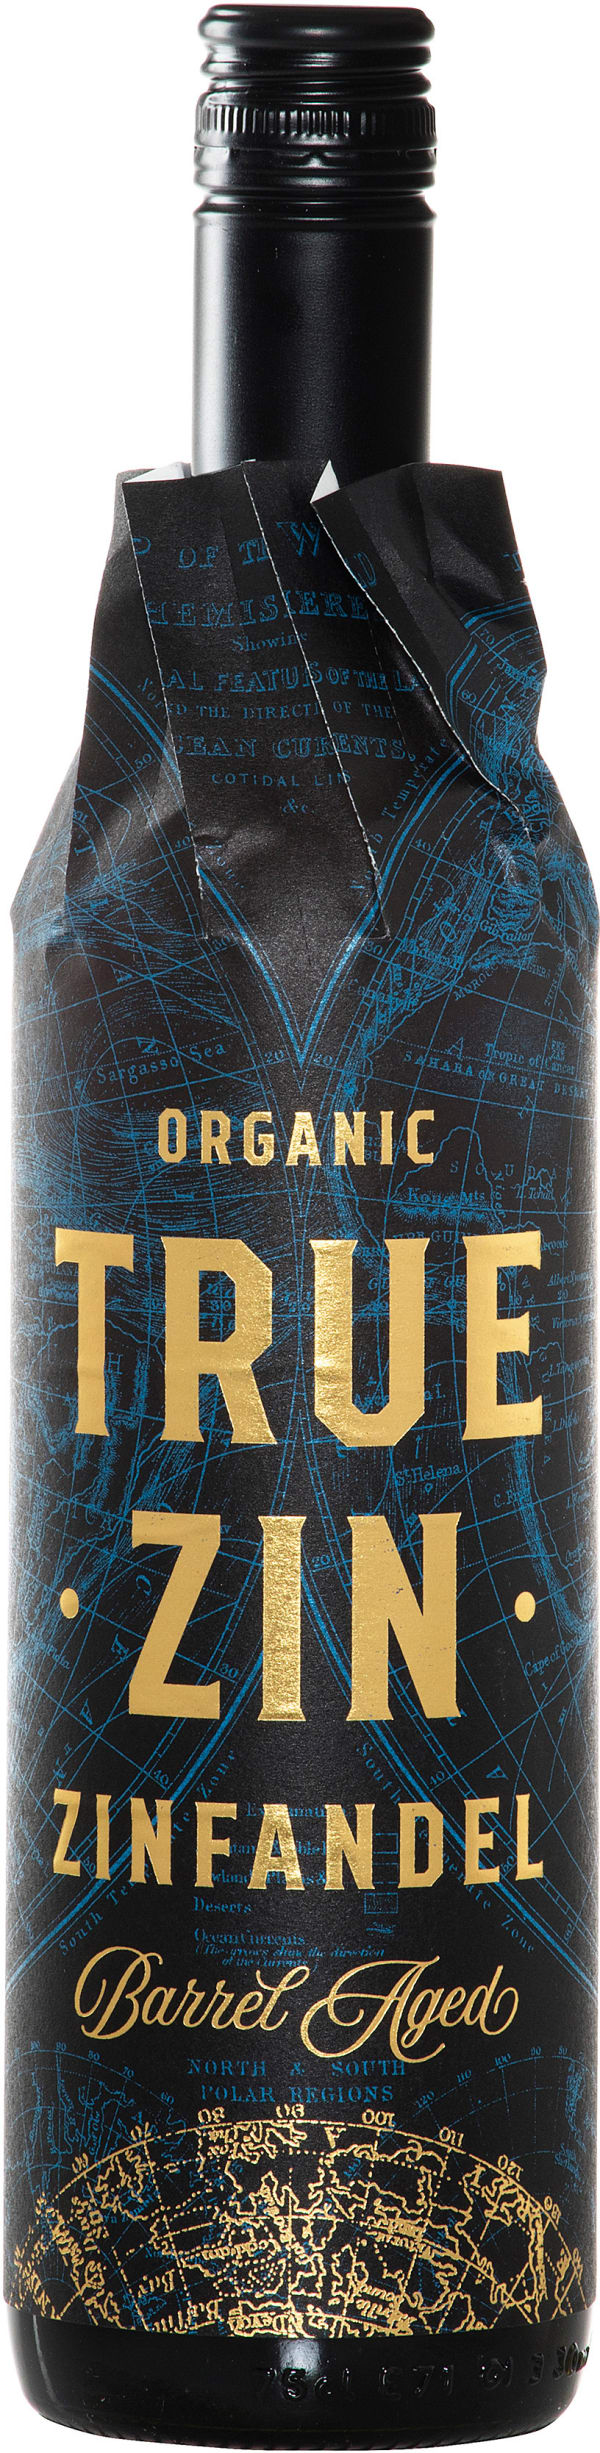 True Zin Organic Zinfandel 2016